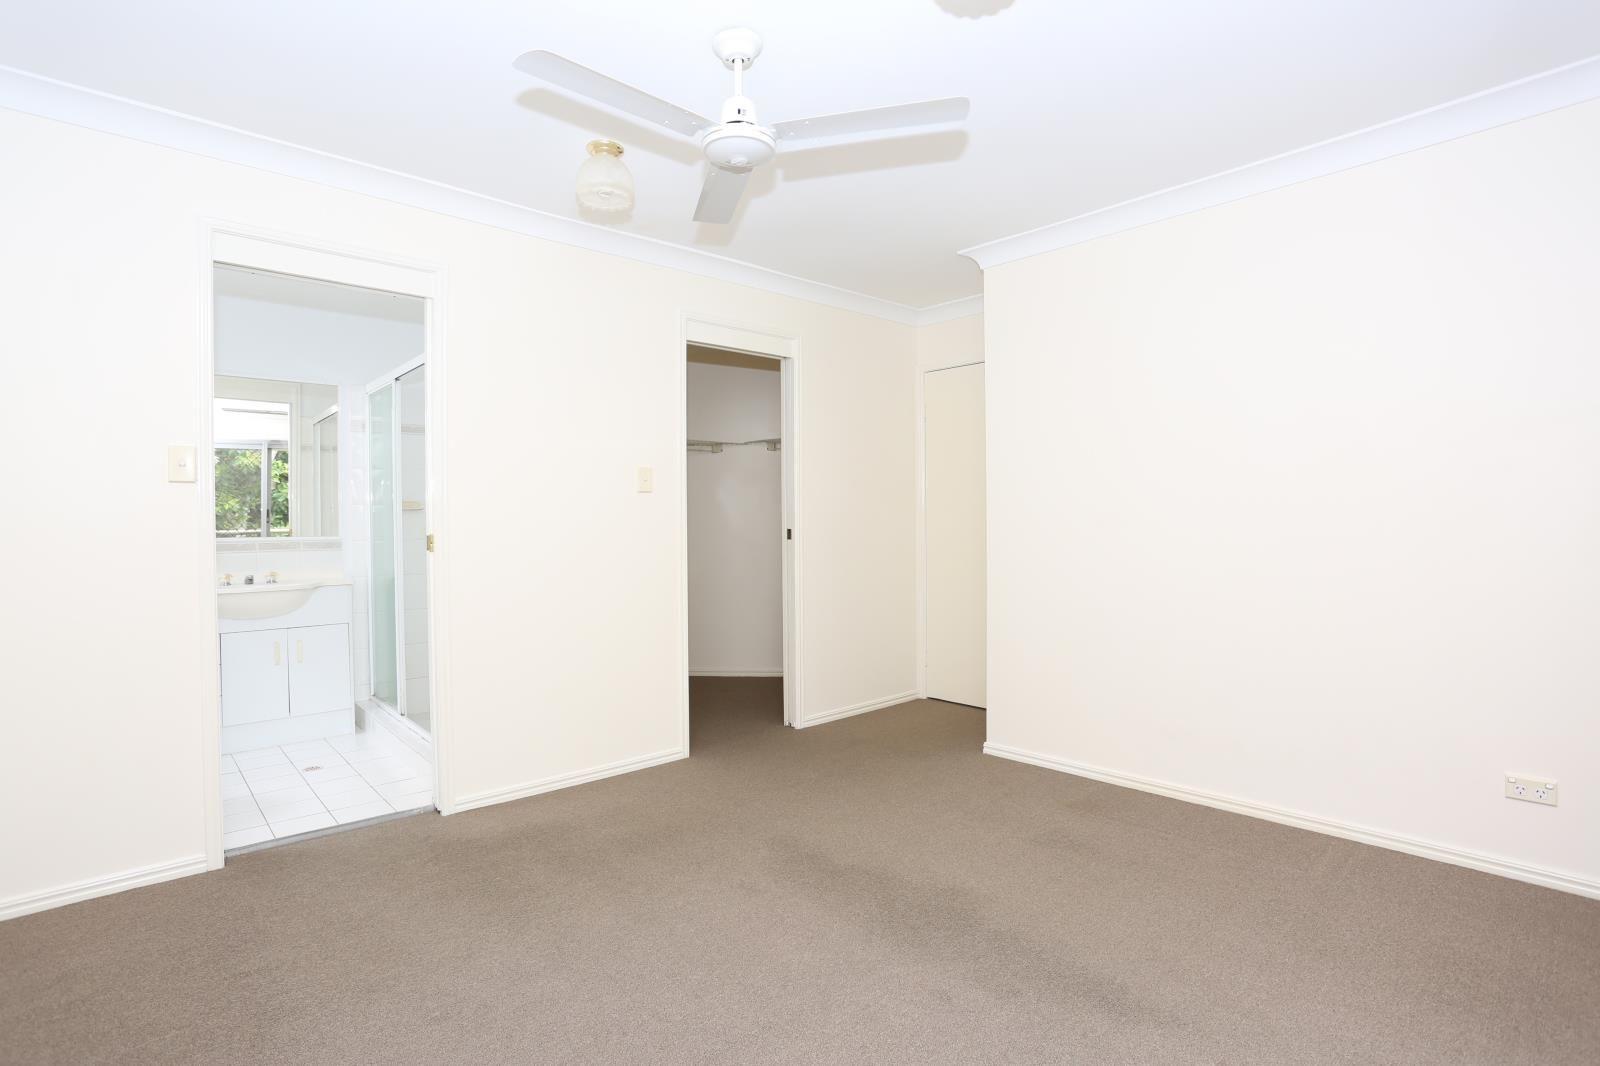 11/11 Glin Avenue, Newmarket QLD 4051, Image 2